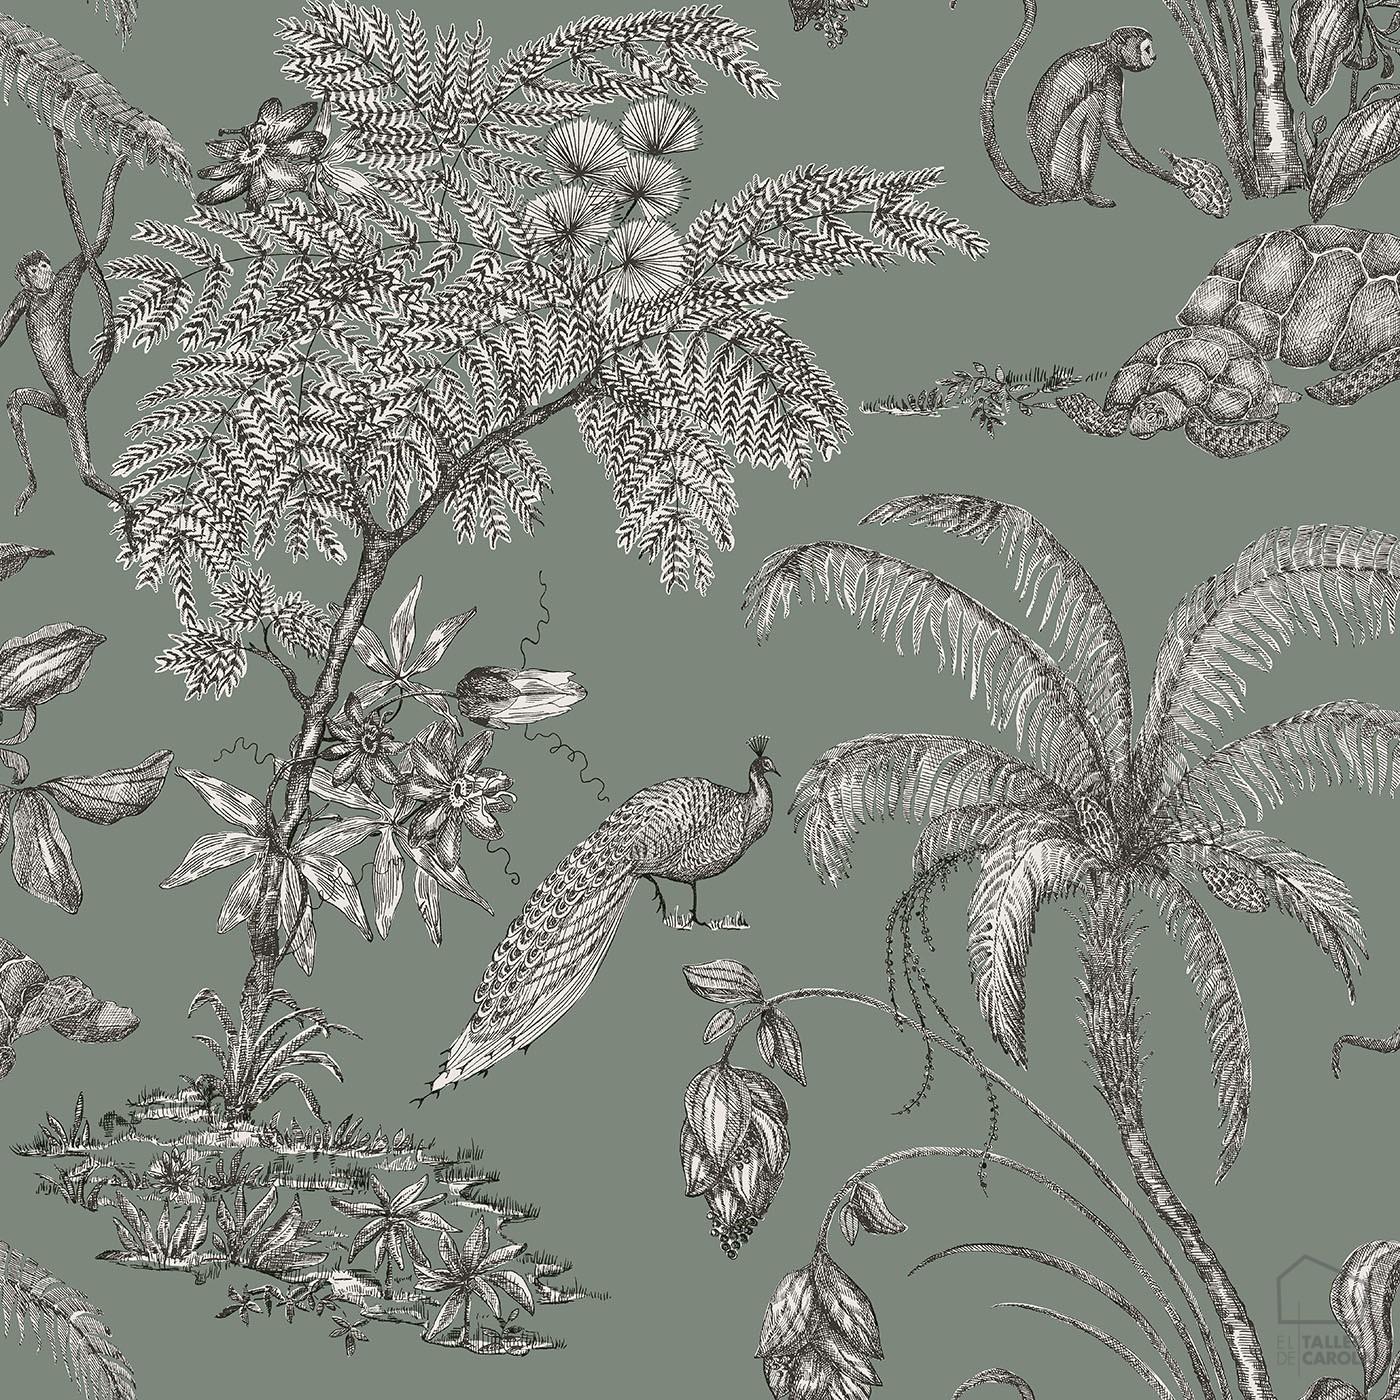 059fam2-moa240-68-papel-pintado-vegetal-palmeras-verde-1